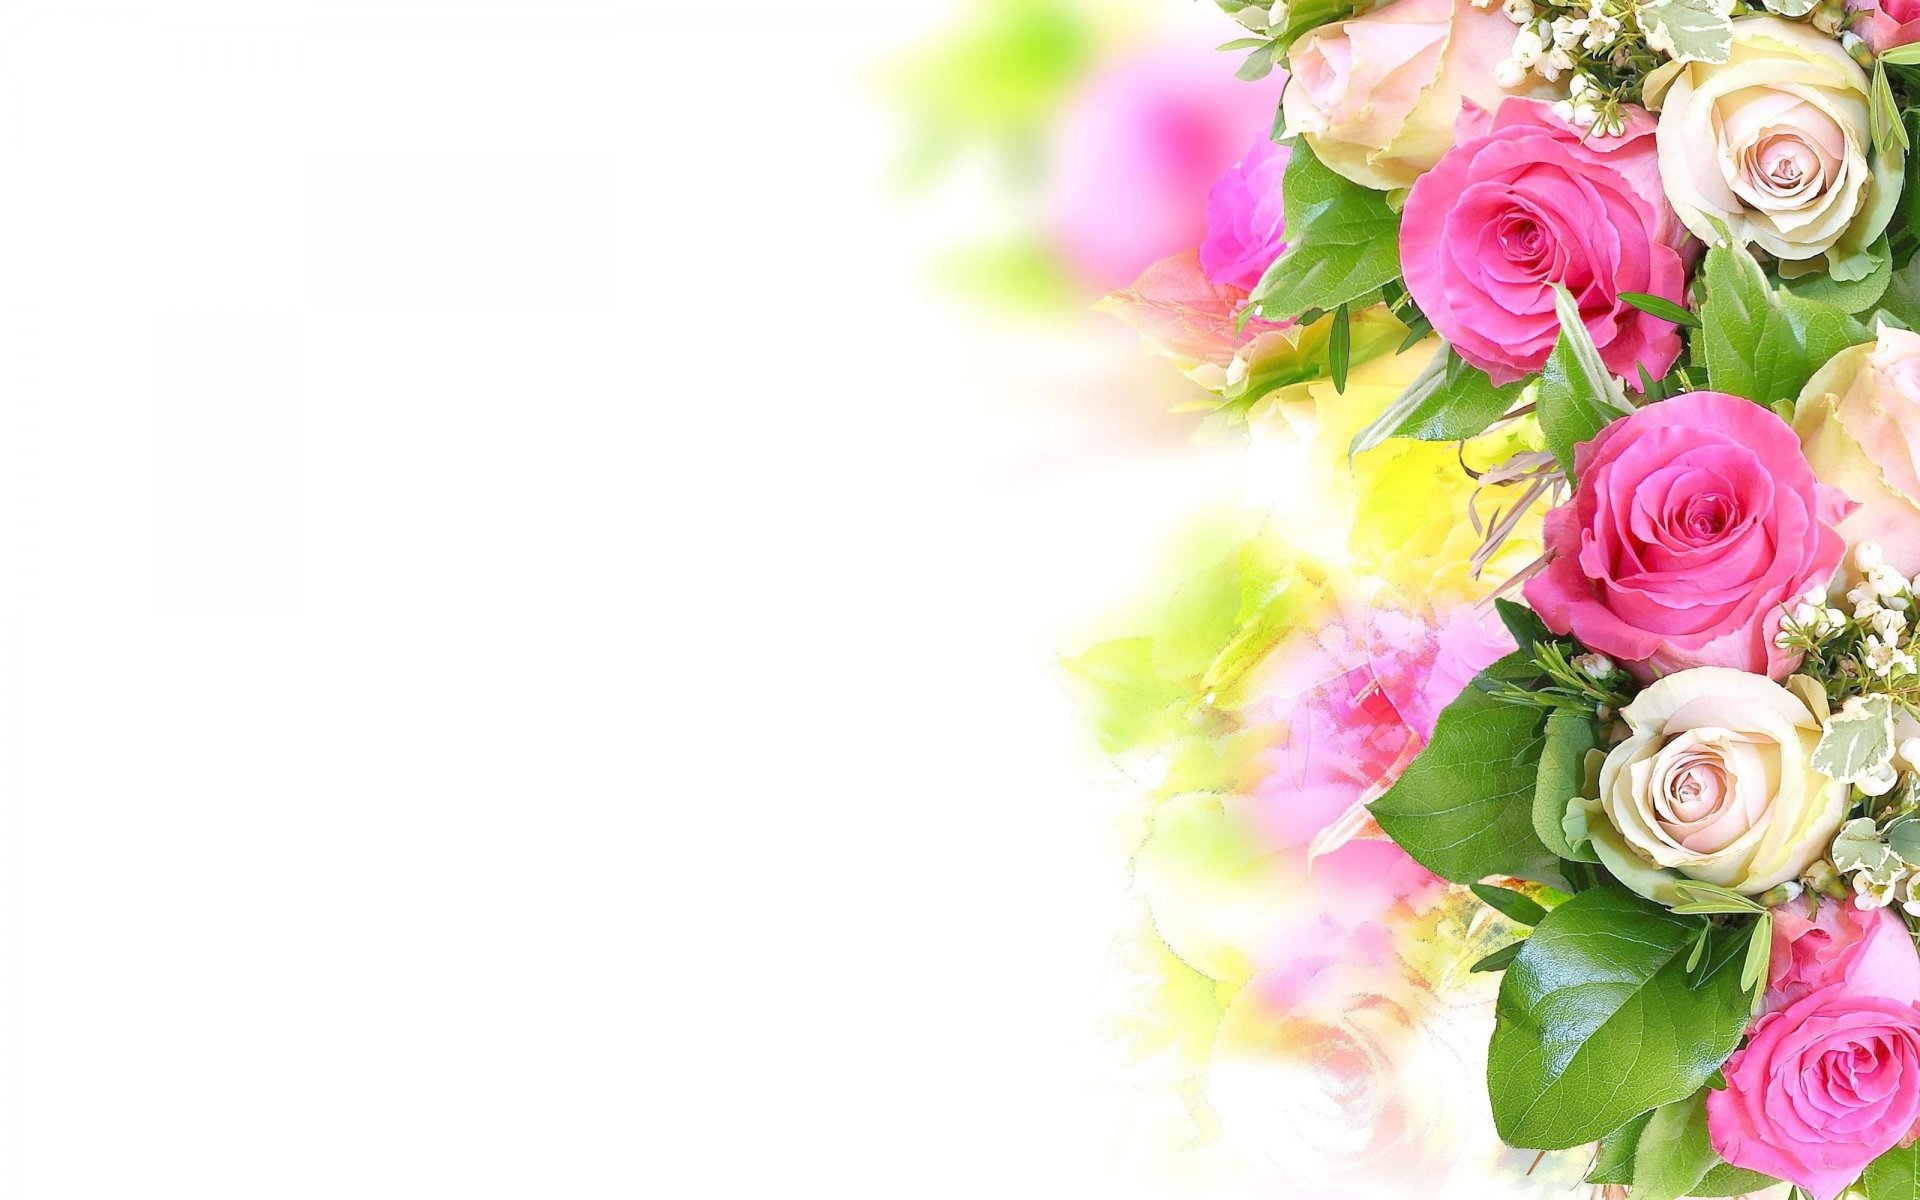 Стих к поздравлению цветы 947